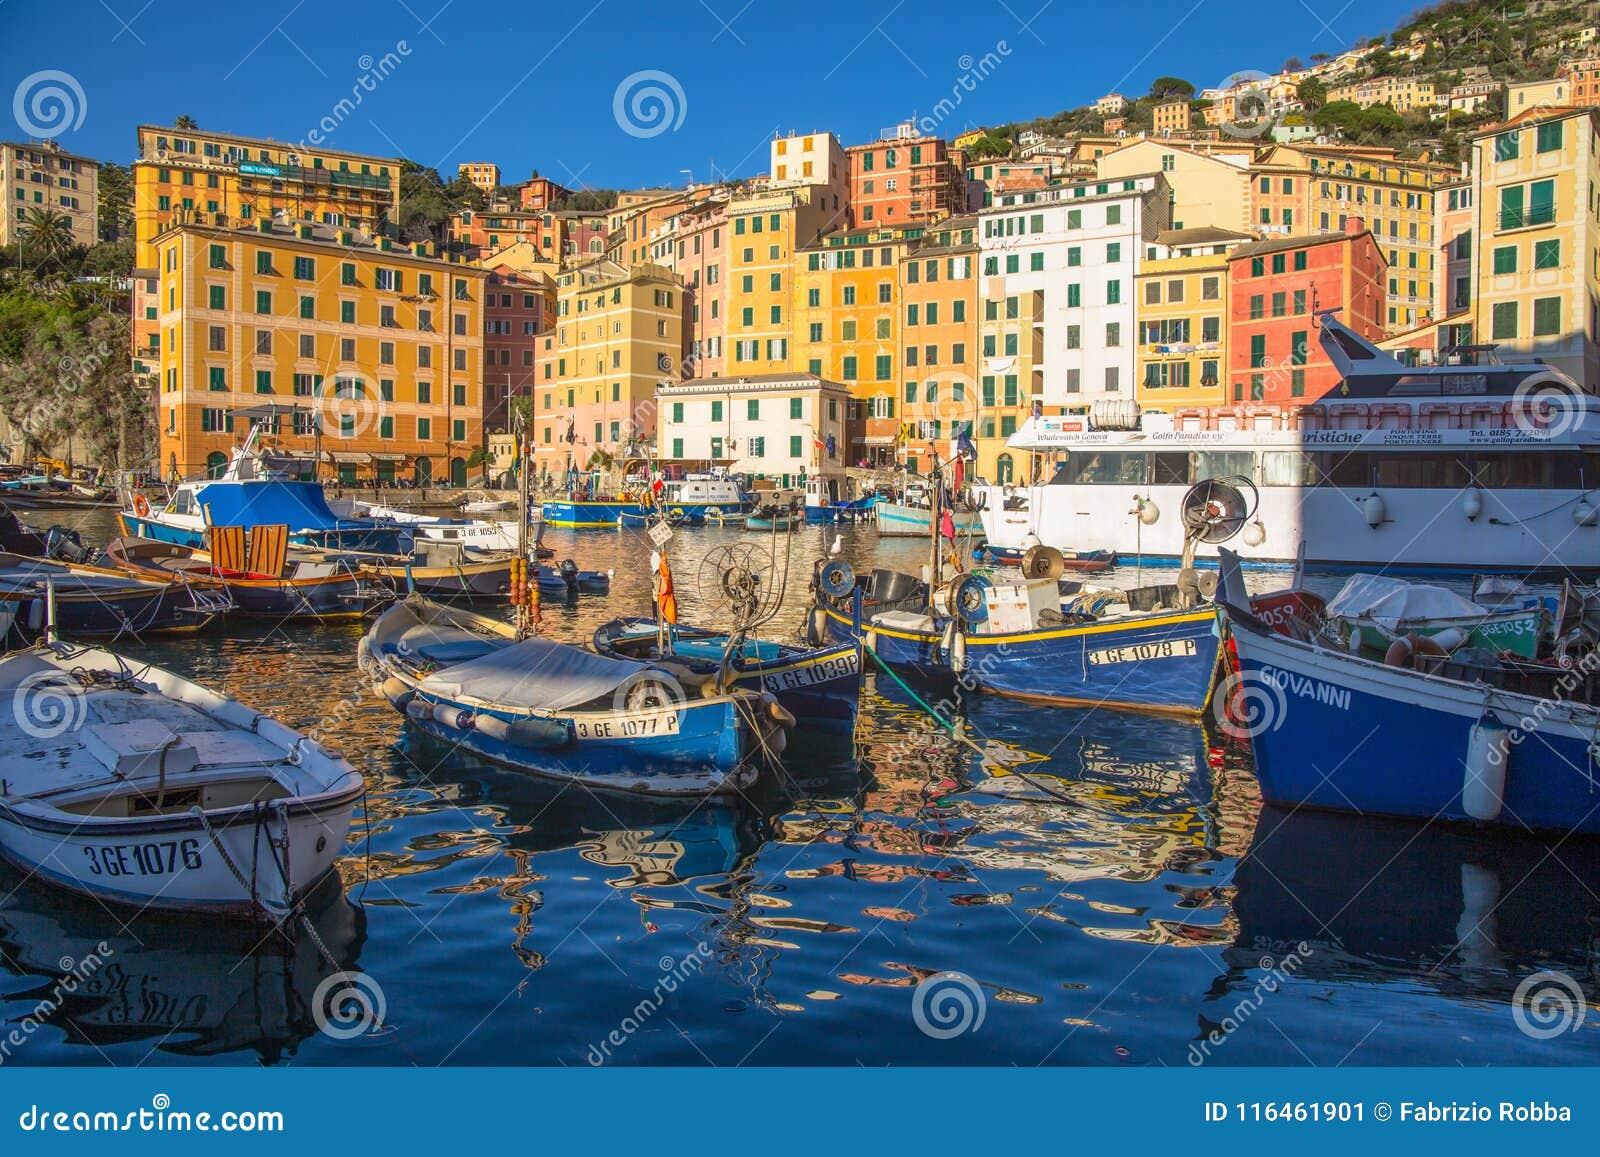 Ansicht der Stadt von Camogli, Genoa Province, Ligurien, Mittelmeerküste, Italien